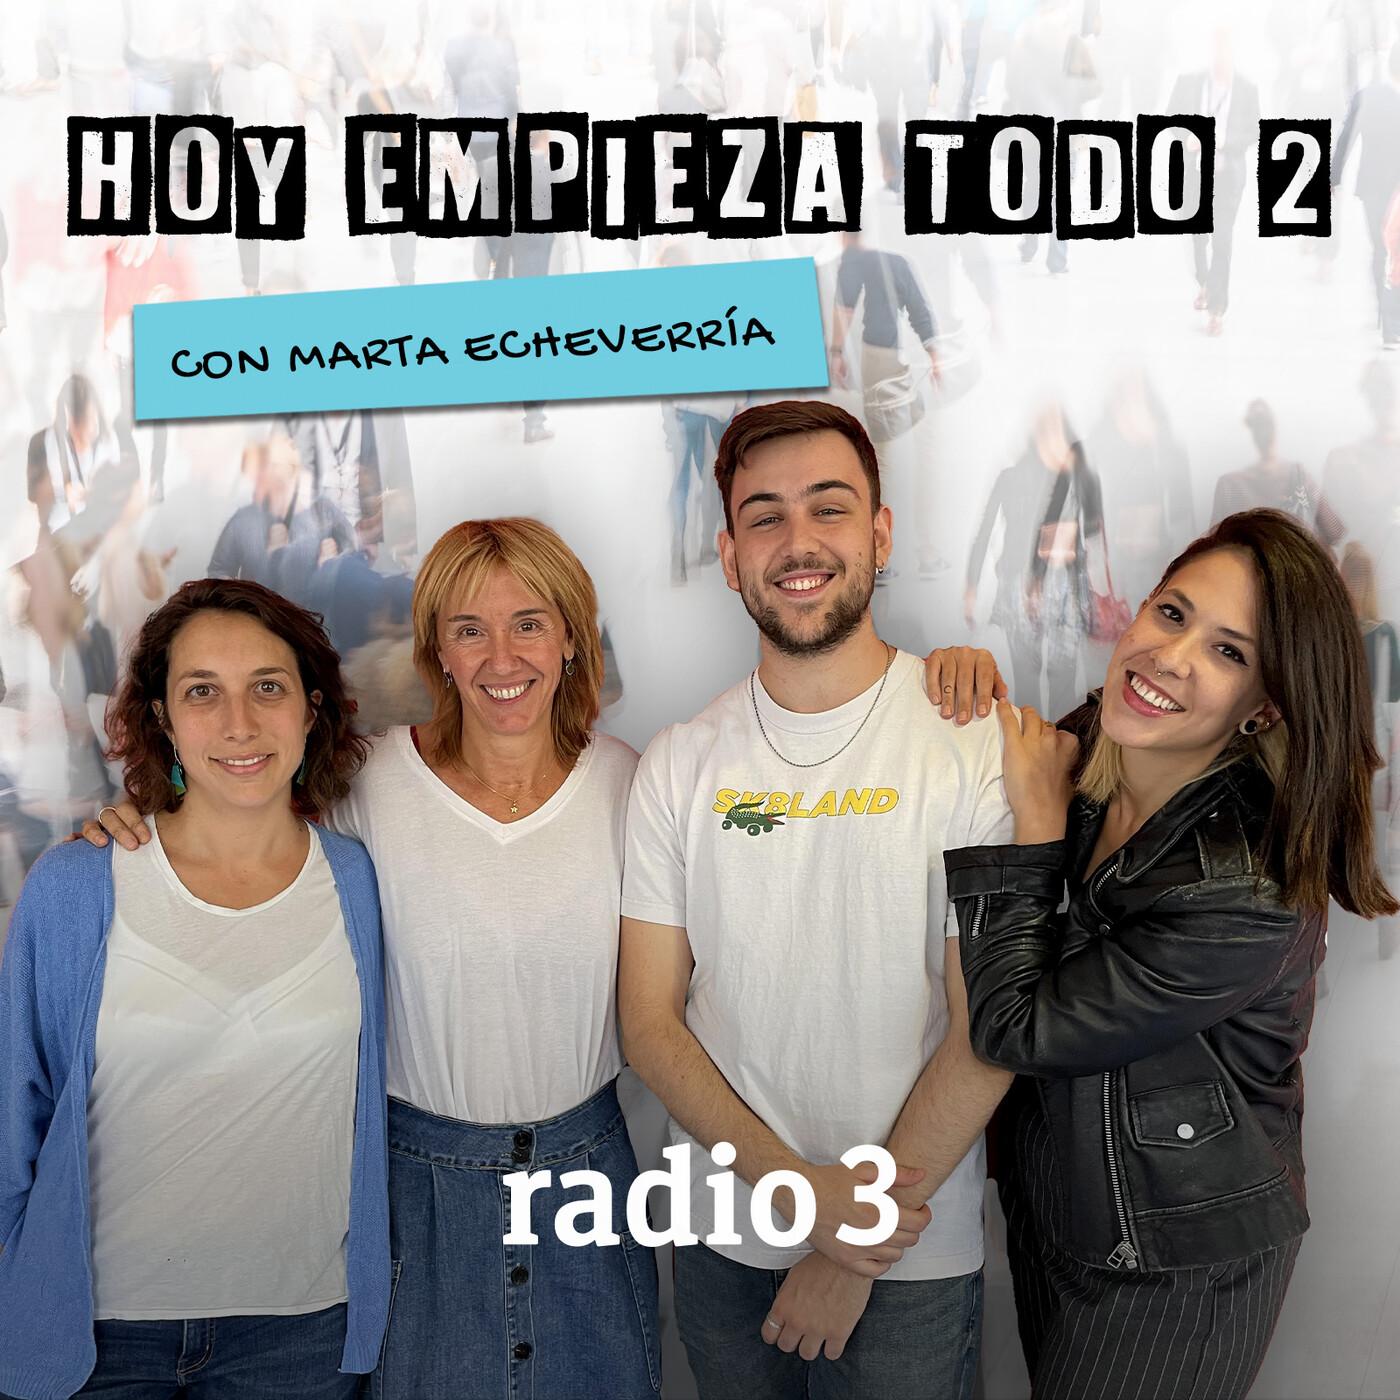 Hoy empieza todo con Marta Echeverría - Teatro Urgente de Gomá y Caballero, Abraham Cupeiro y Valeria Luiselli - 20...